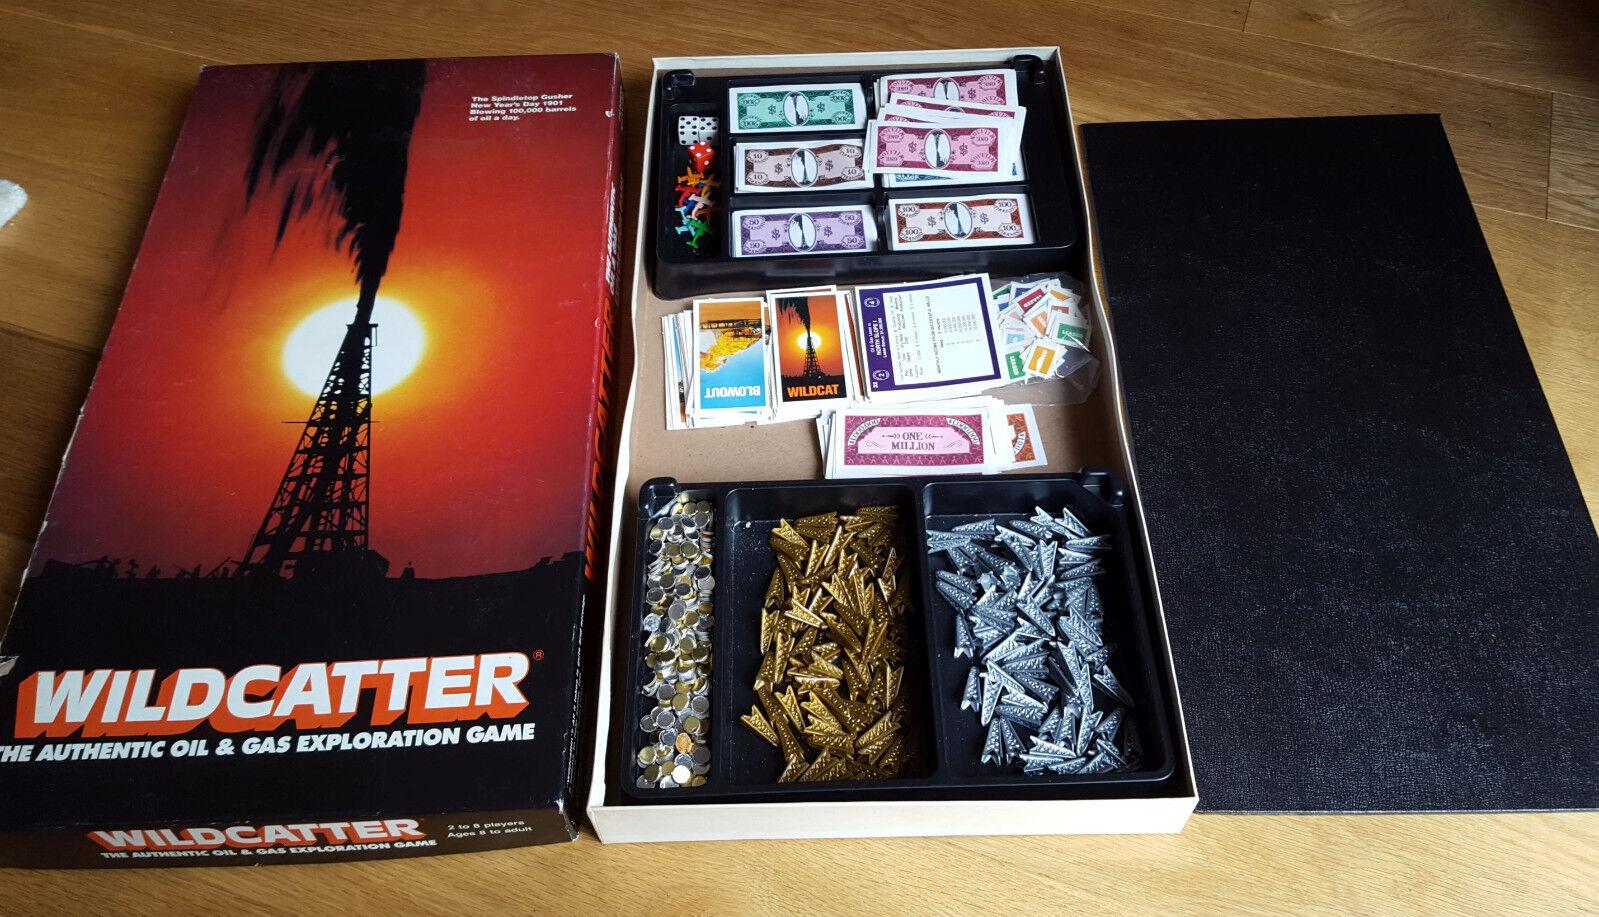 Rare, Vintage Wildcatter Board Game - Oil and Gas Exploration Ken Kessler 1981